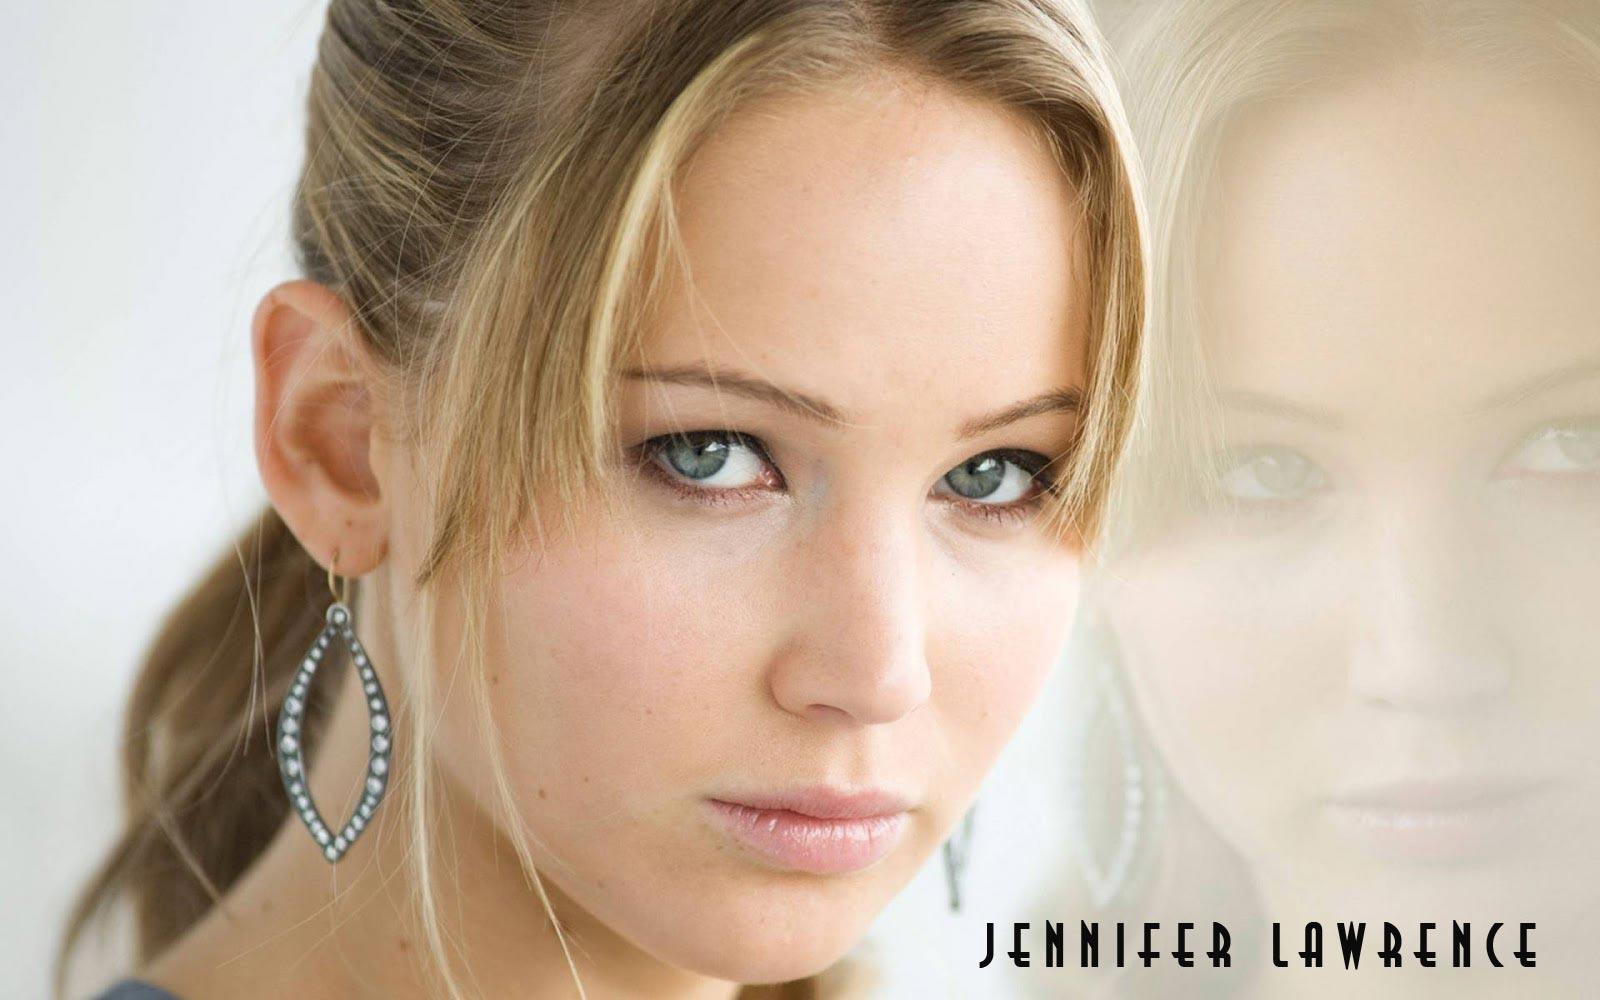 http://3.bp.blogspot.com/-91FbBN-mL6U/UPWvPJmaXKI/AAAAAAAABDQ/a8Z6tpWMZwM/s1600/jennifer-lawrence-wallpaper.jpg